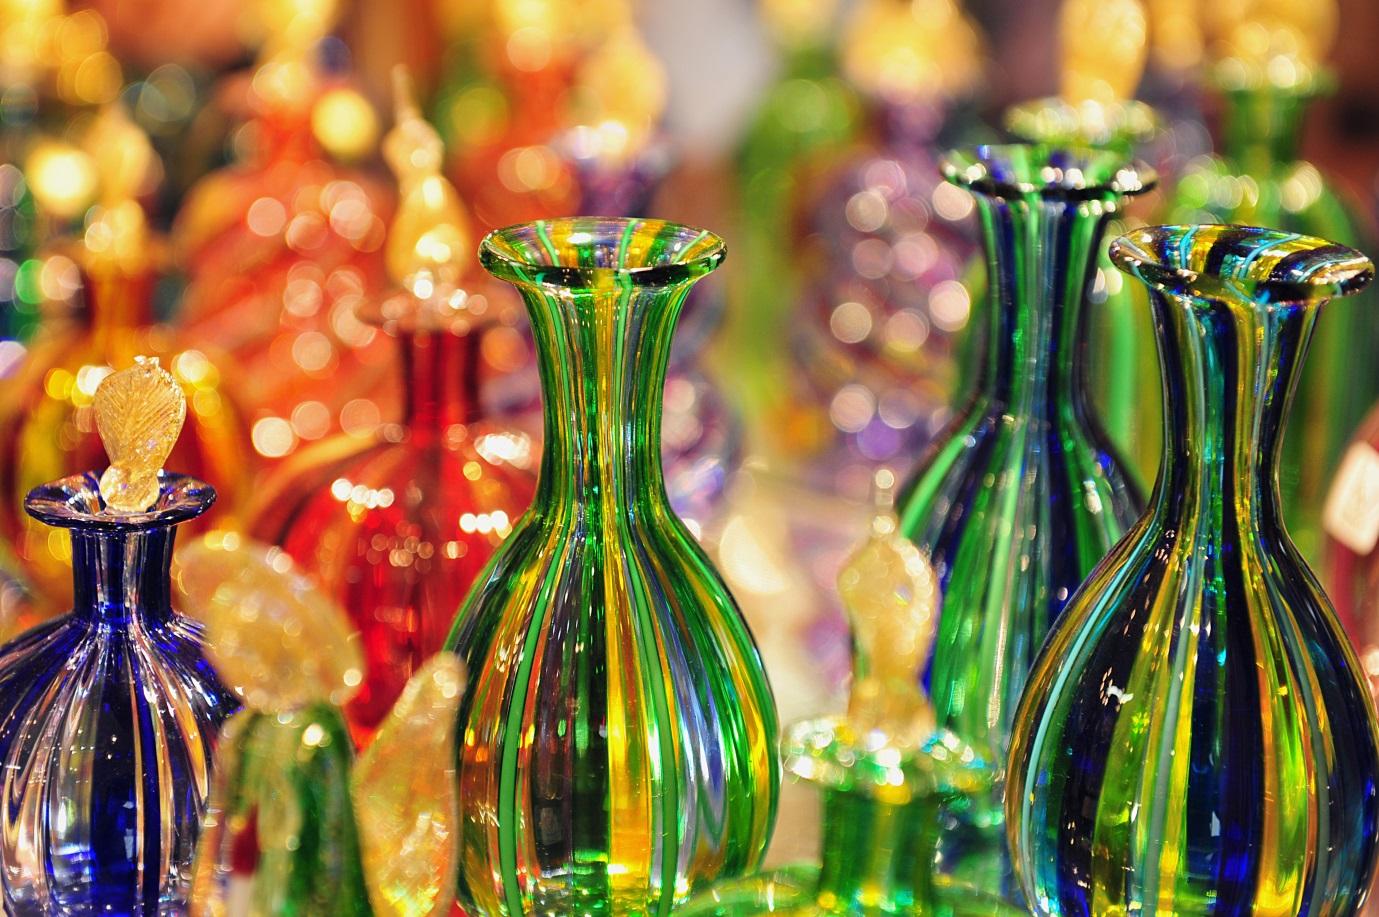 Murano (1) glass